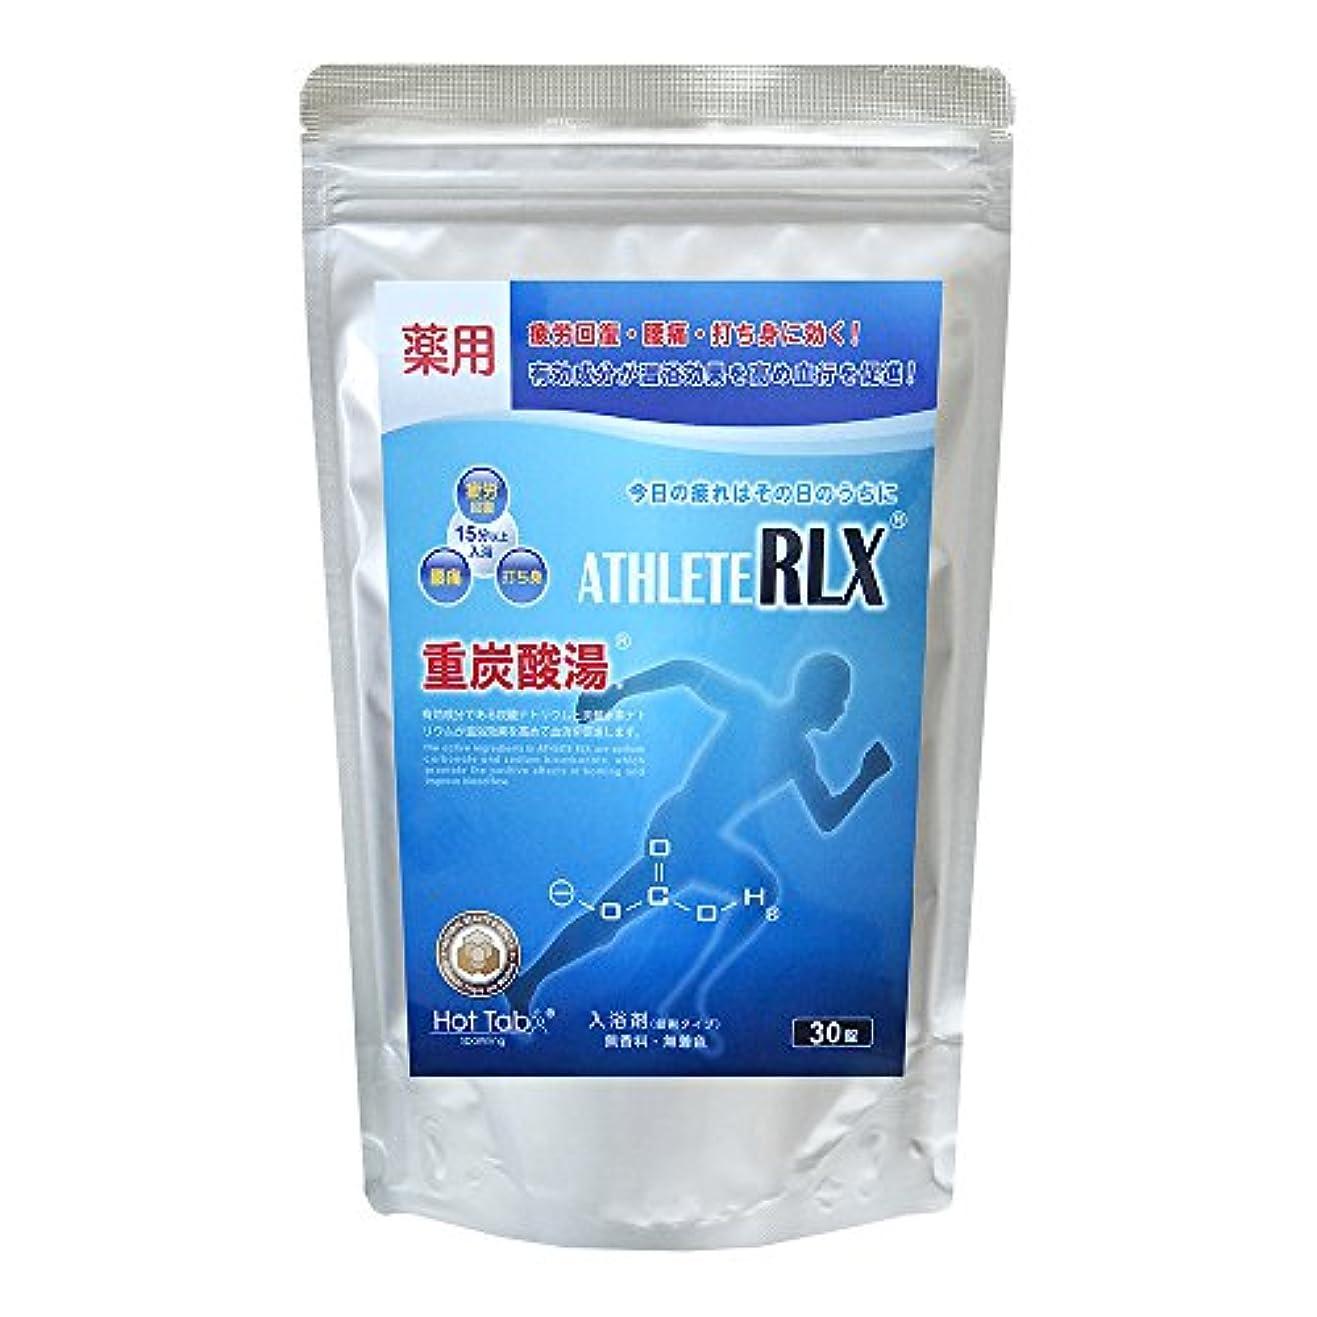 パラナ川悪性の大いにホットアルバムコム ATHLETE RLX(アスリートRLX) 薬用 30錠入り